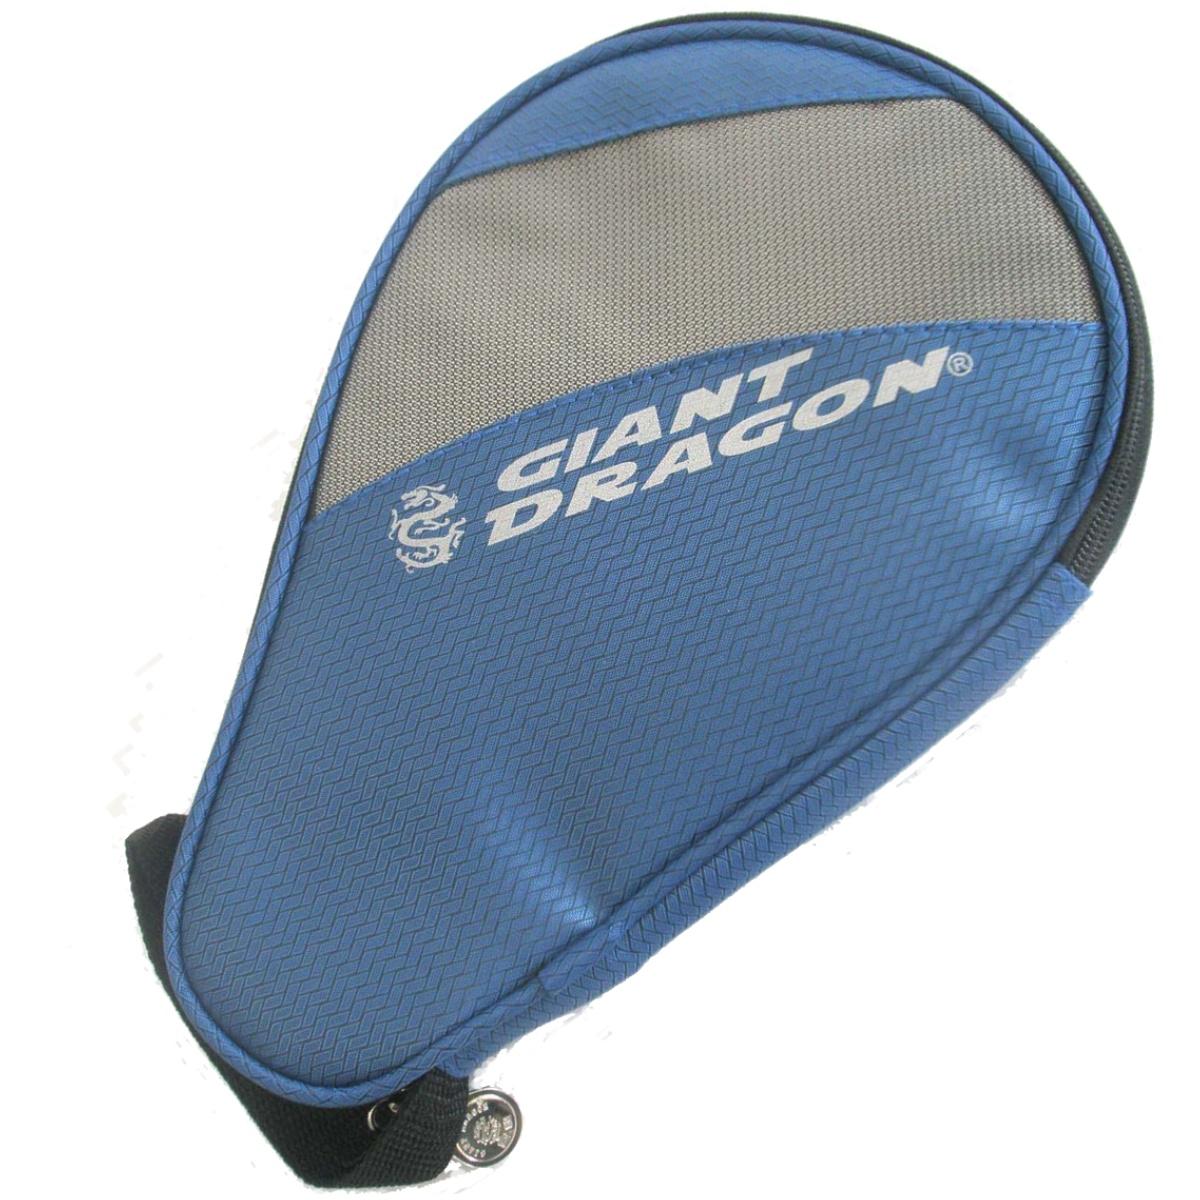 Obal na pálku na stolní tenis DRAGON s kapsou